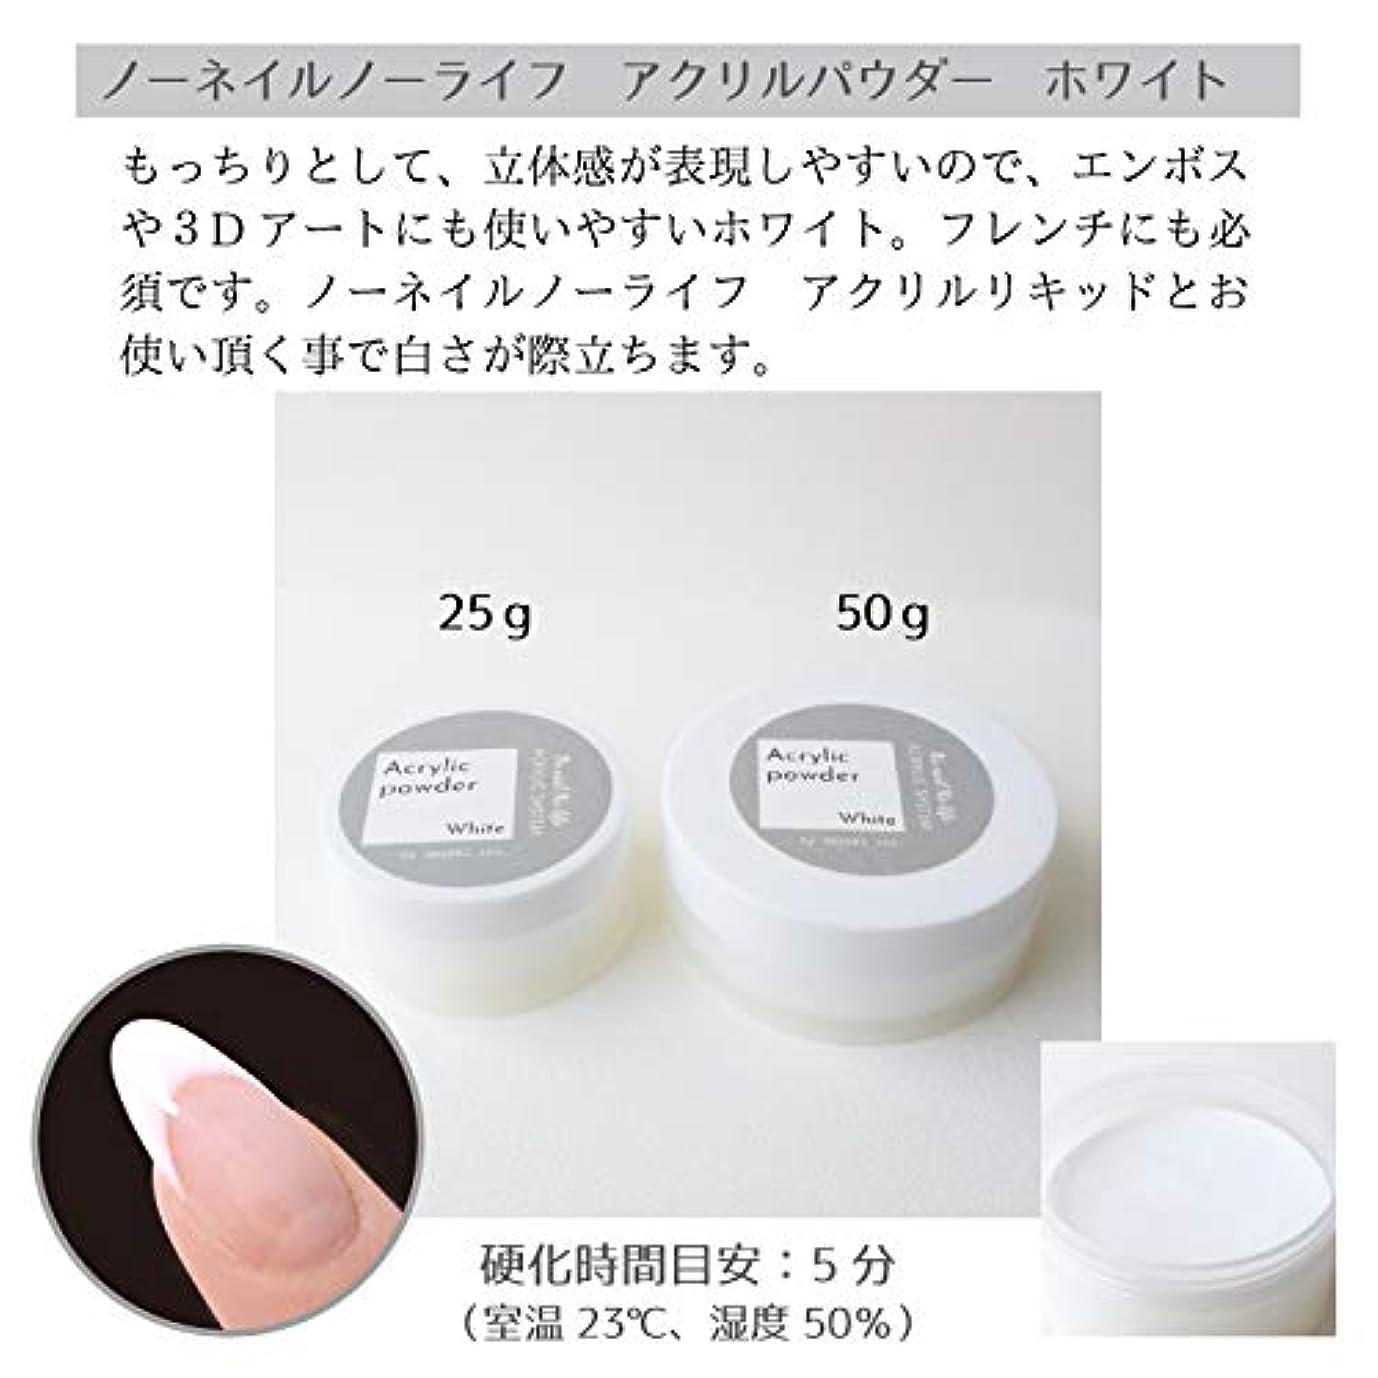 小説家ペースト酸化するアクリルパウダー【ホワイト25g】 ノーネイルノーライフアクリリックシステム